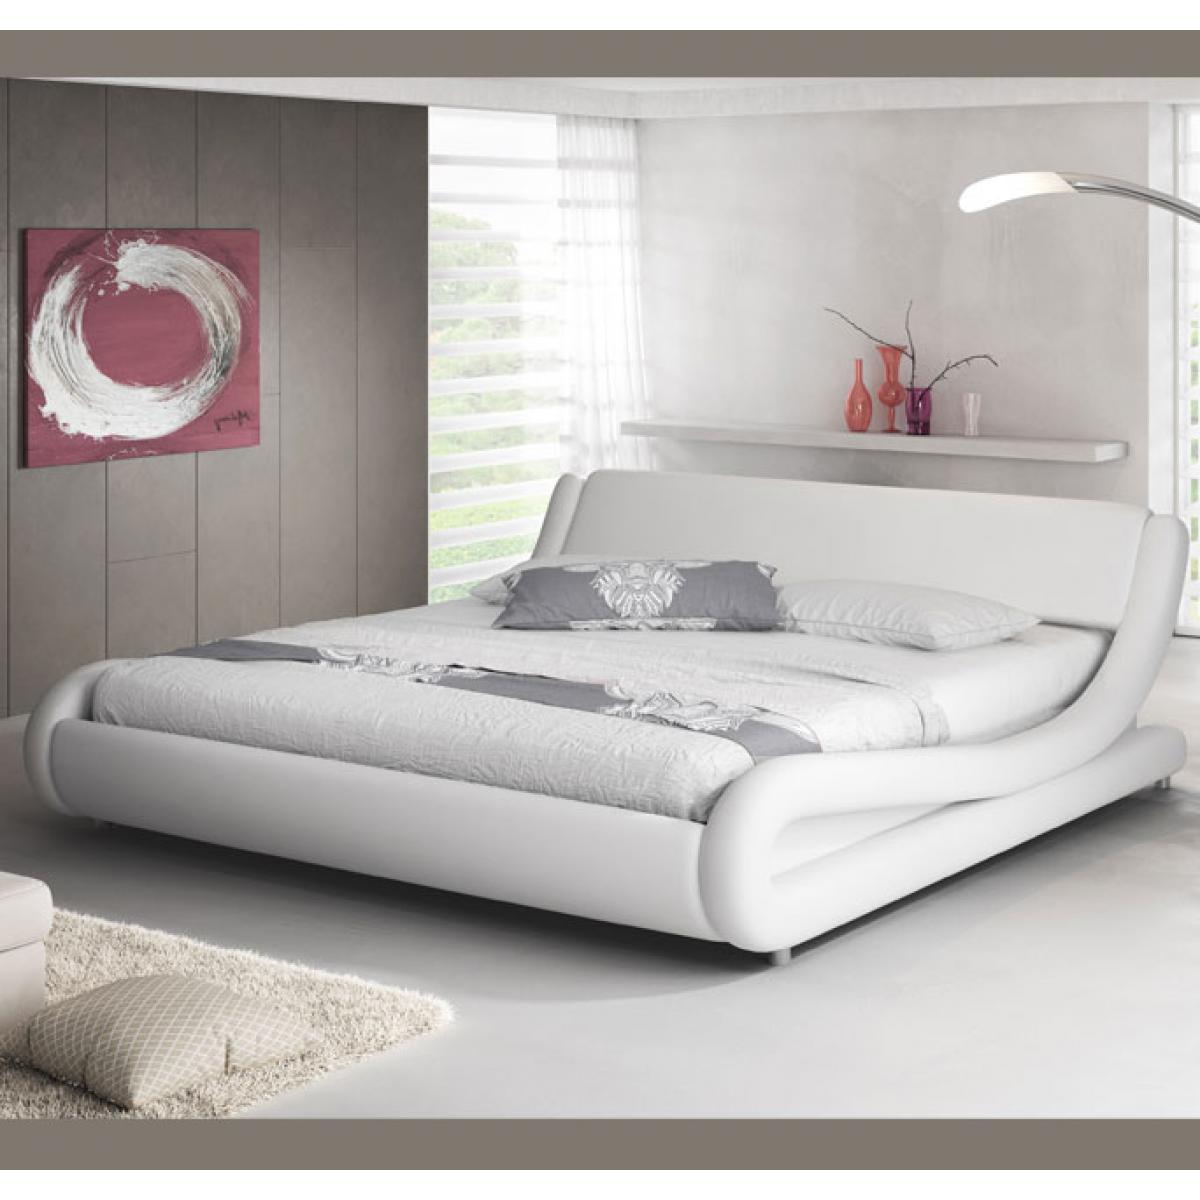 Design Ameublement Lit double Alessia ? blanc 160x200cm